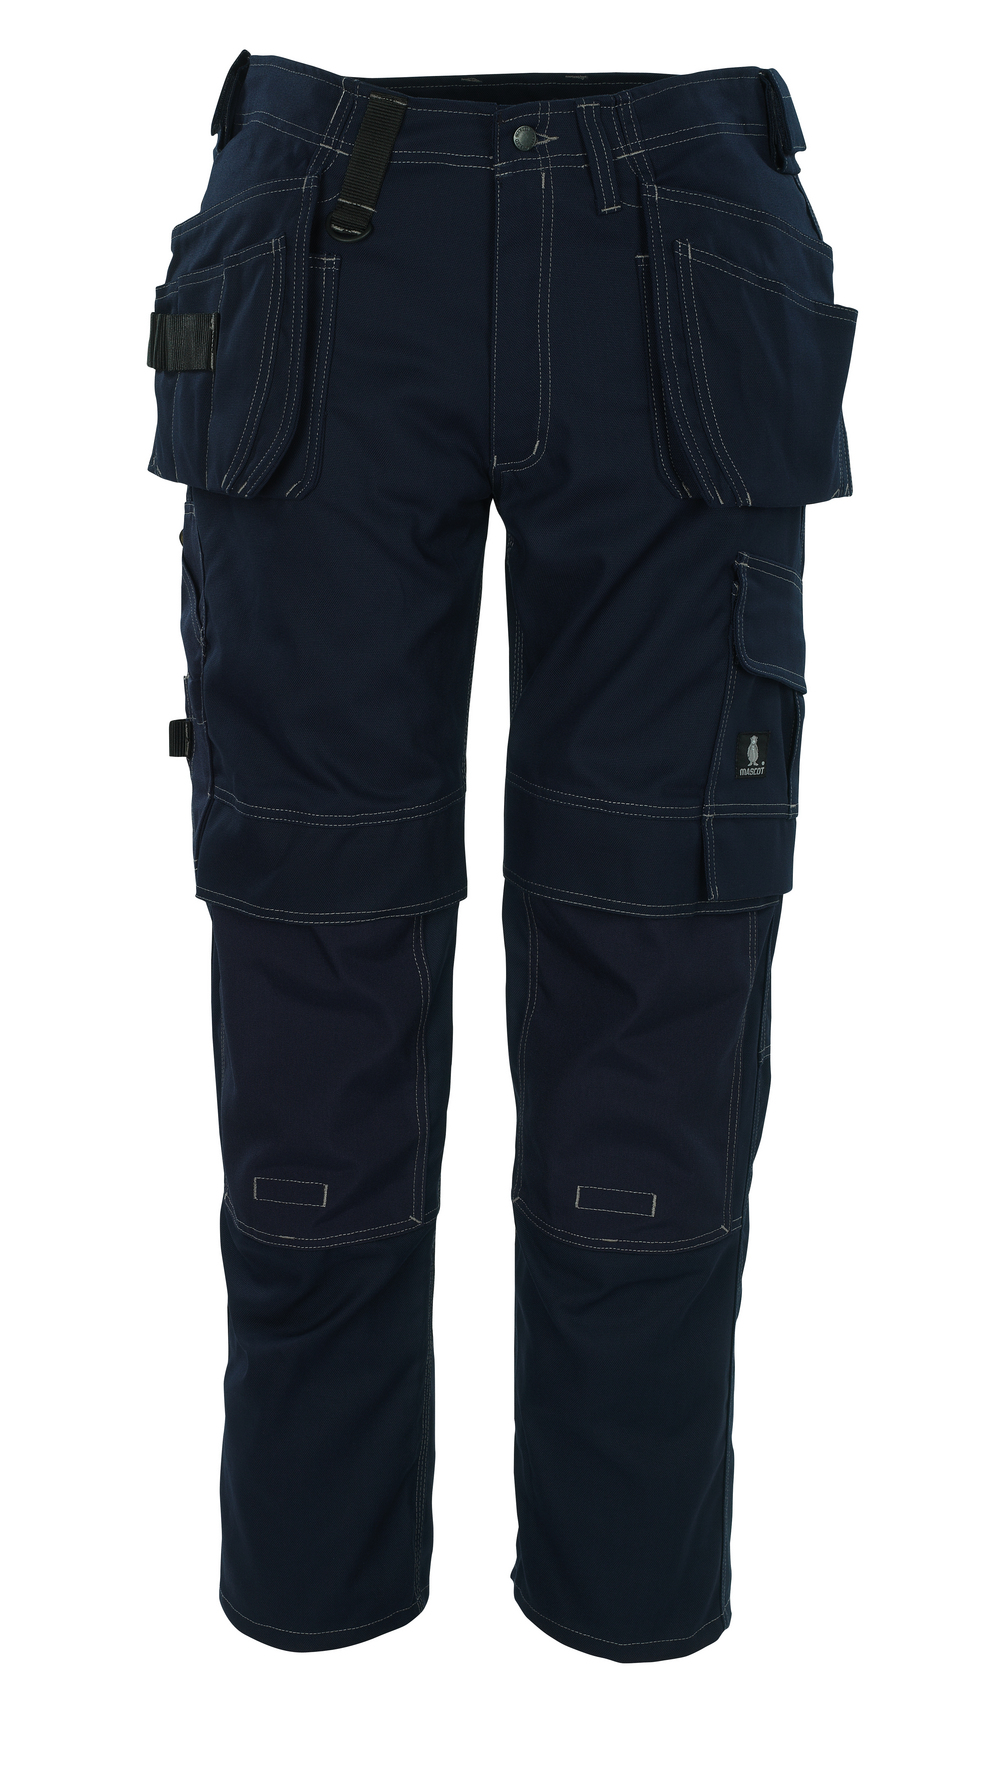 08131-010-01 Hose mit Knie- und Hängetaschen - Marine